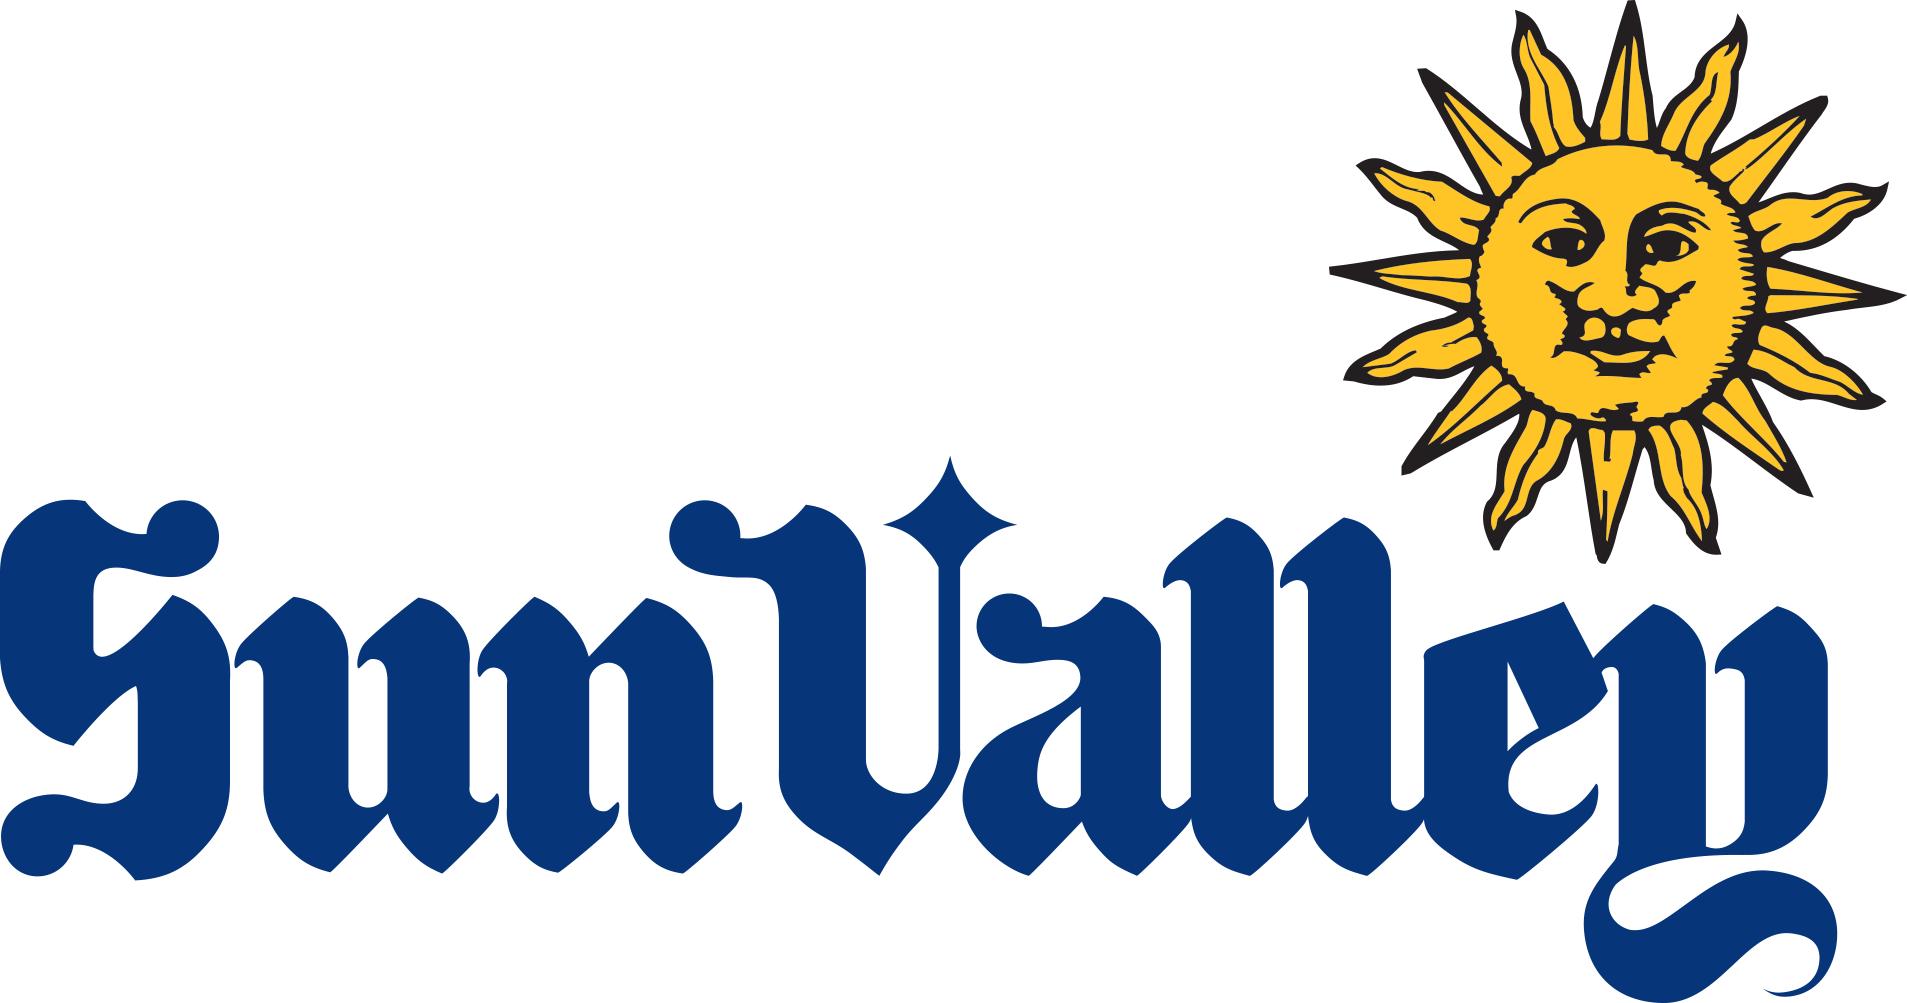 sv-logo-blue-regular.png